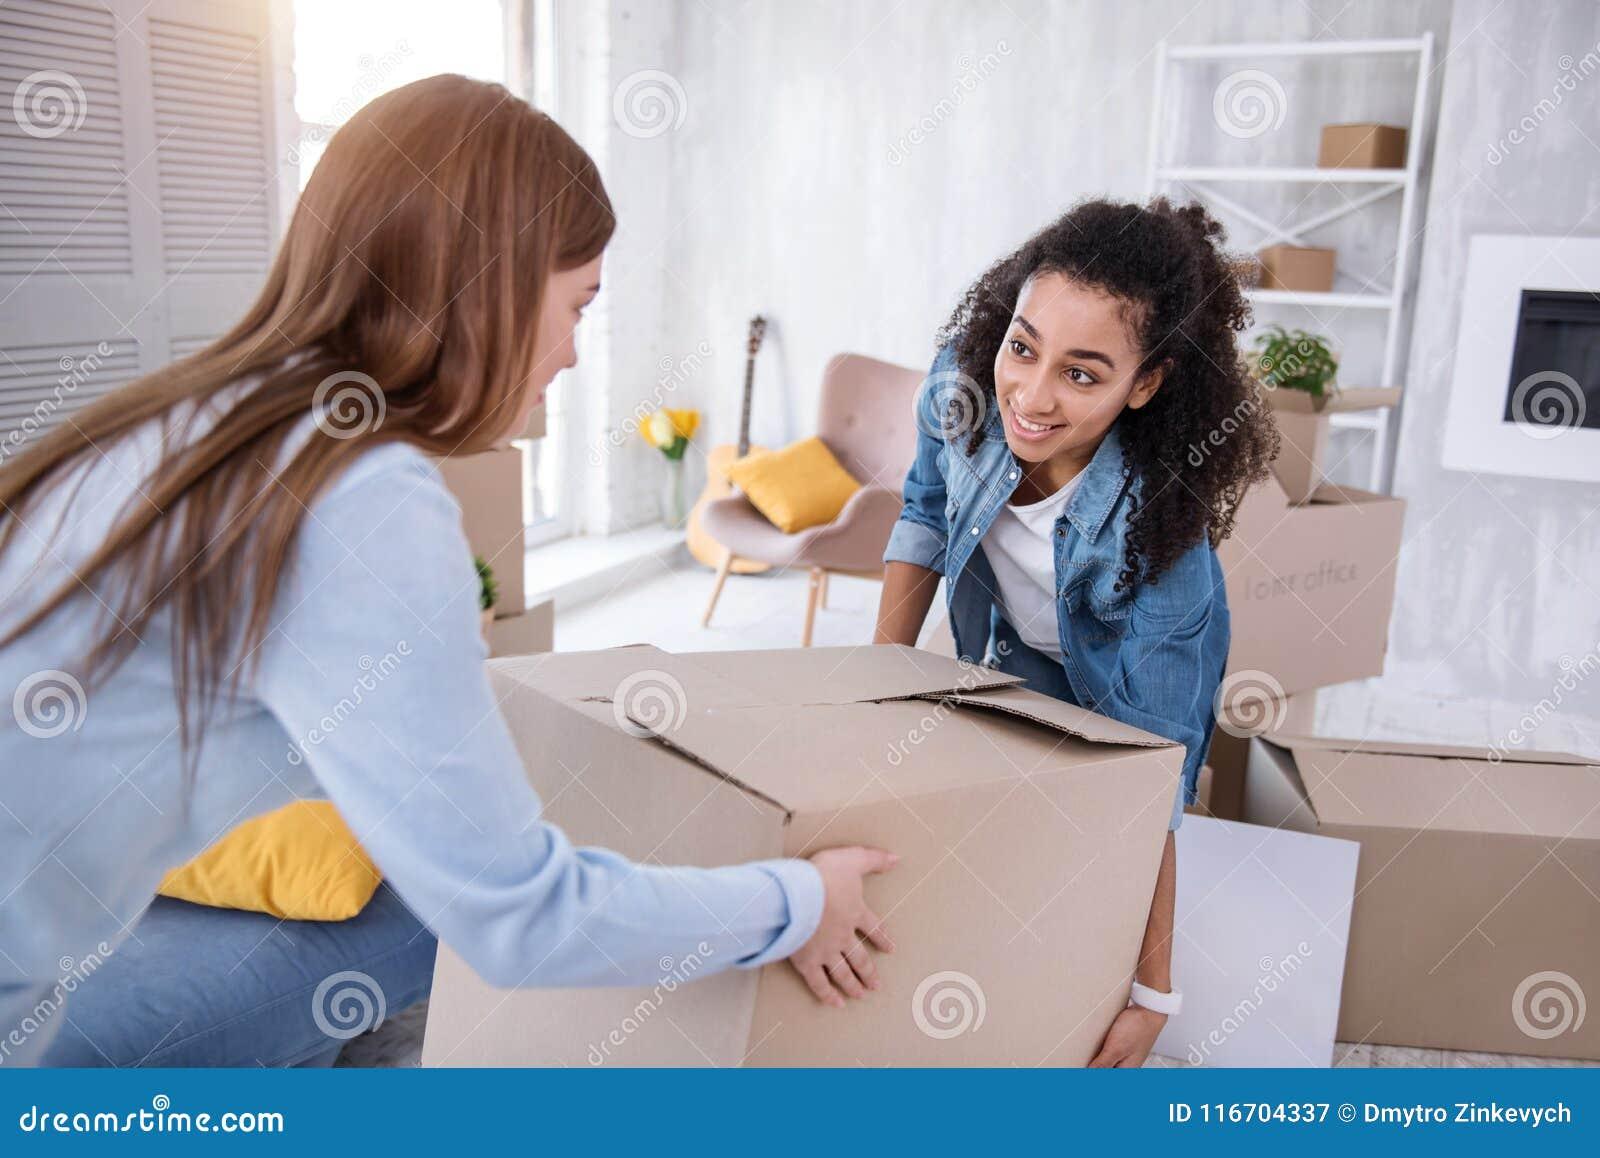 一起运载重的箱子的快乐的女孩